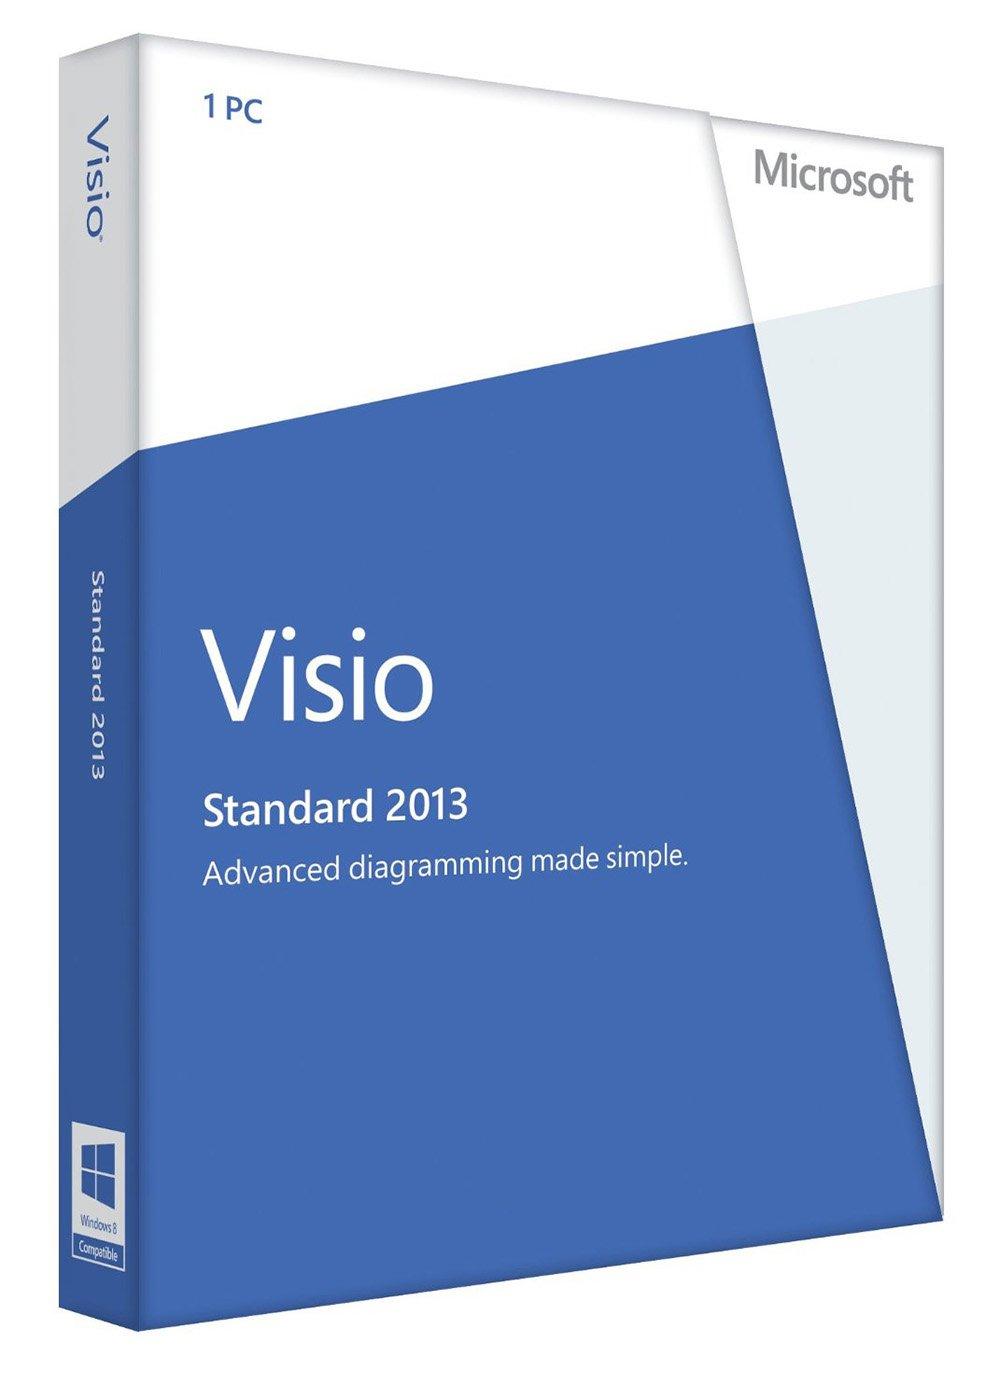 Buy Visio Standard 2013 key